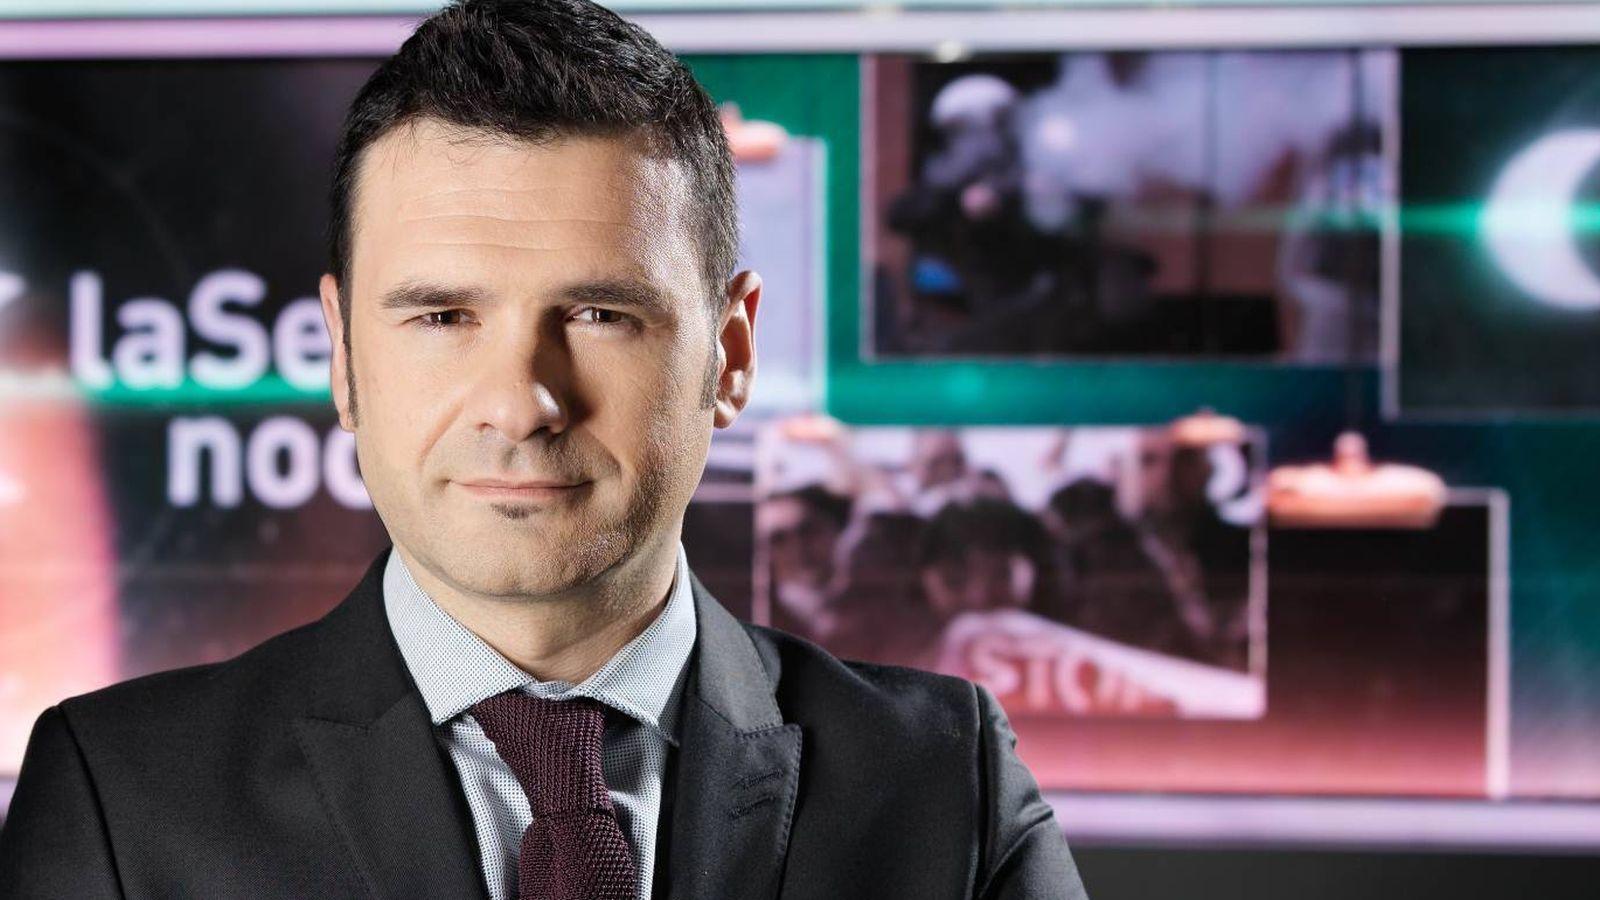 Foto: Iñaki López, presentador de 'La Sexta Noche'.